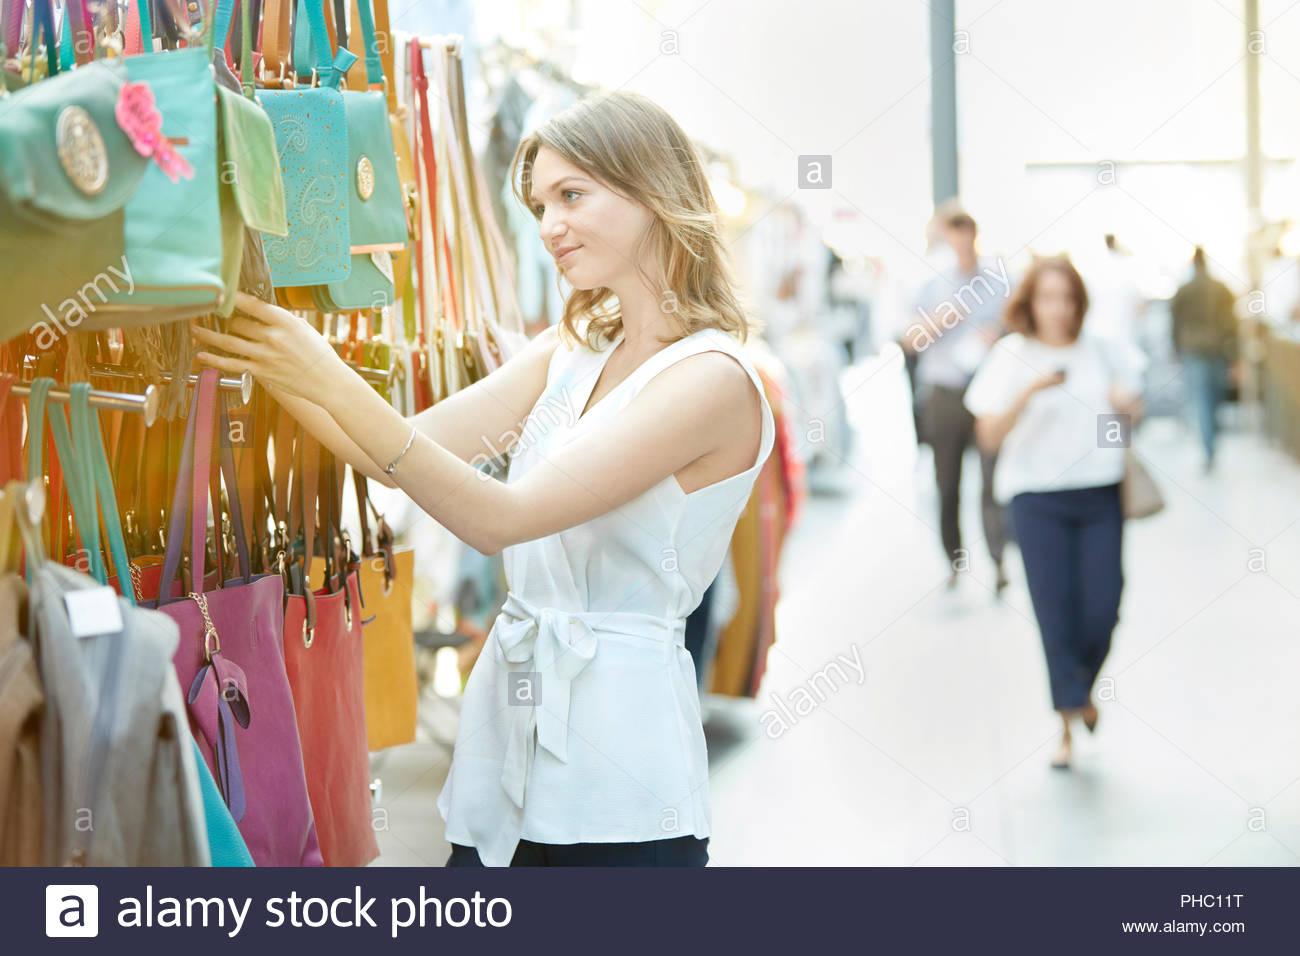 Junge Frau Einkaufen für Handtasche bei Street Market. Stockbild